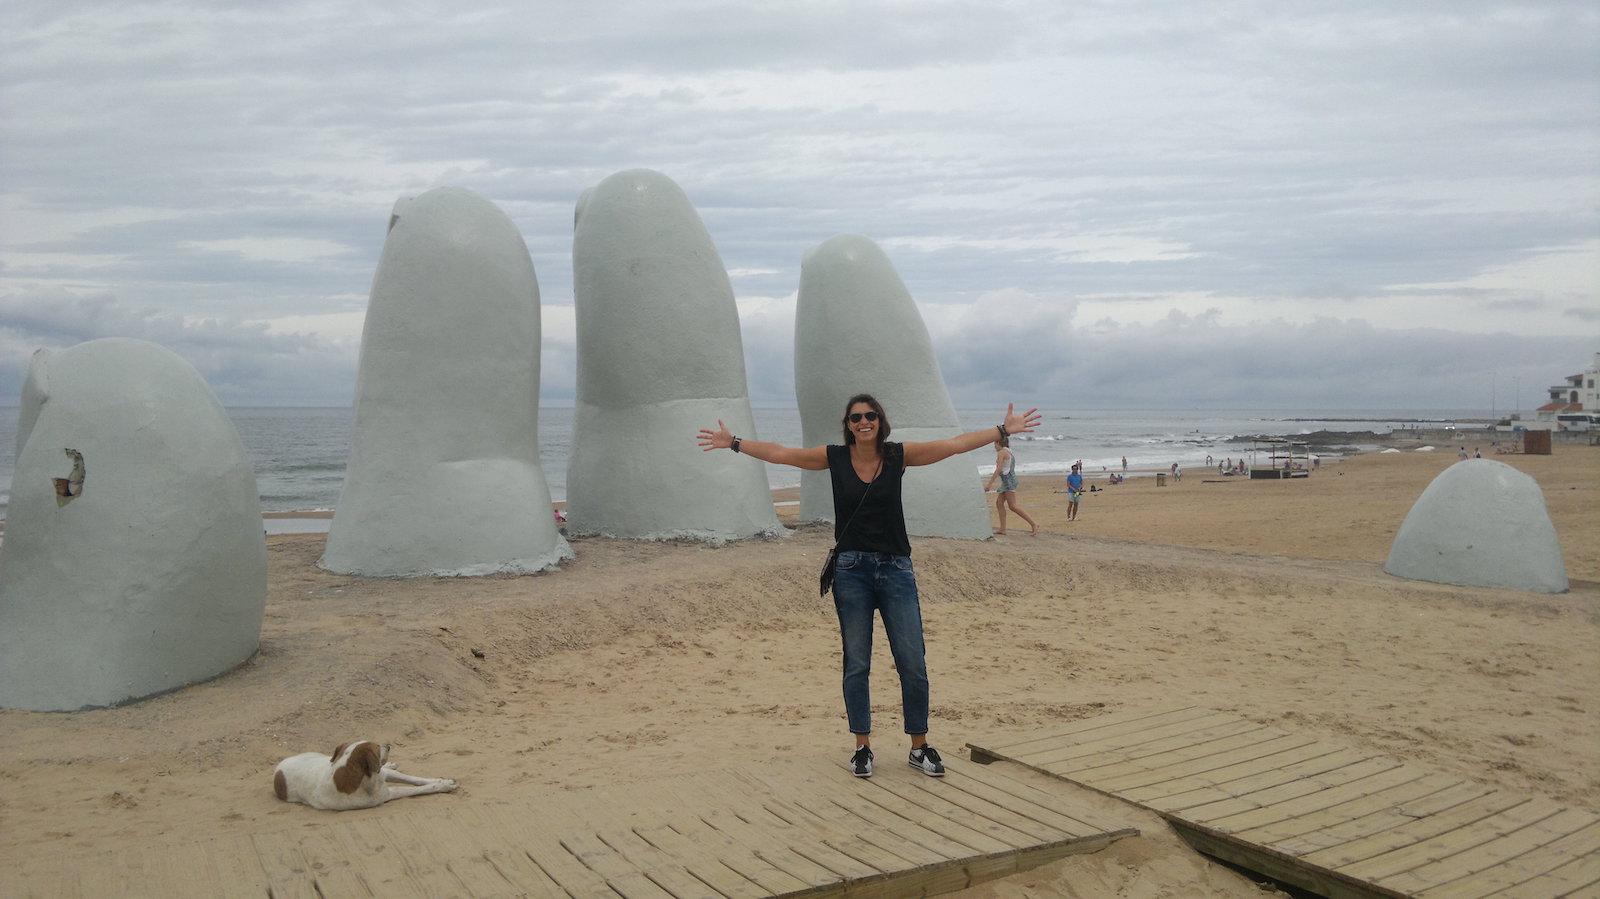 Gio-Viaggio-Uruguay-Punta-del-Este-hand-mano-sand-sabbia